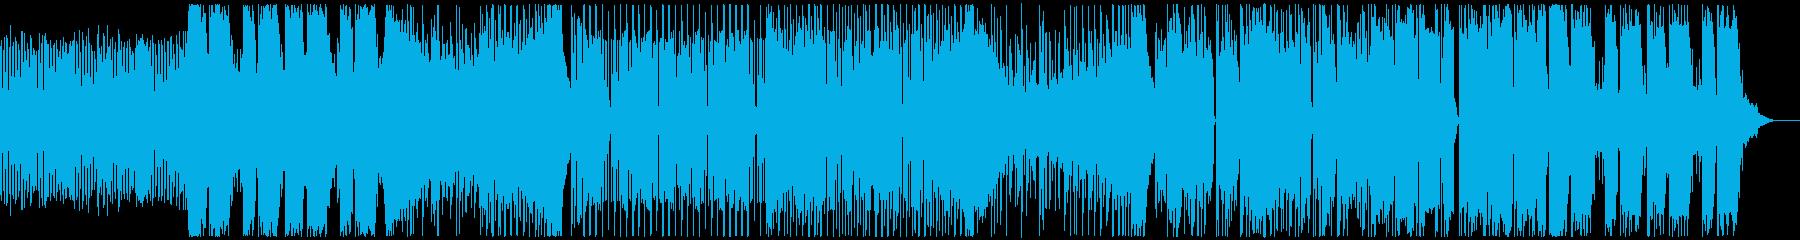 刺さるようなBassが印象的なトラップの再生済みの波形